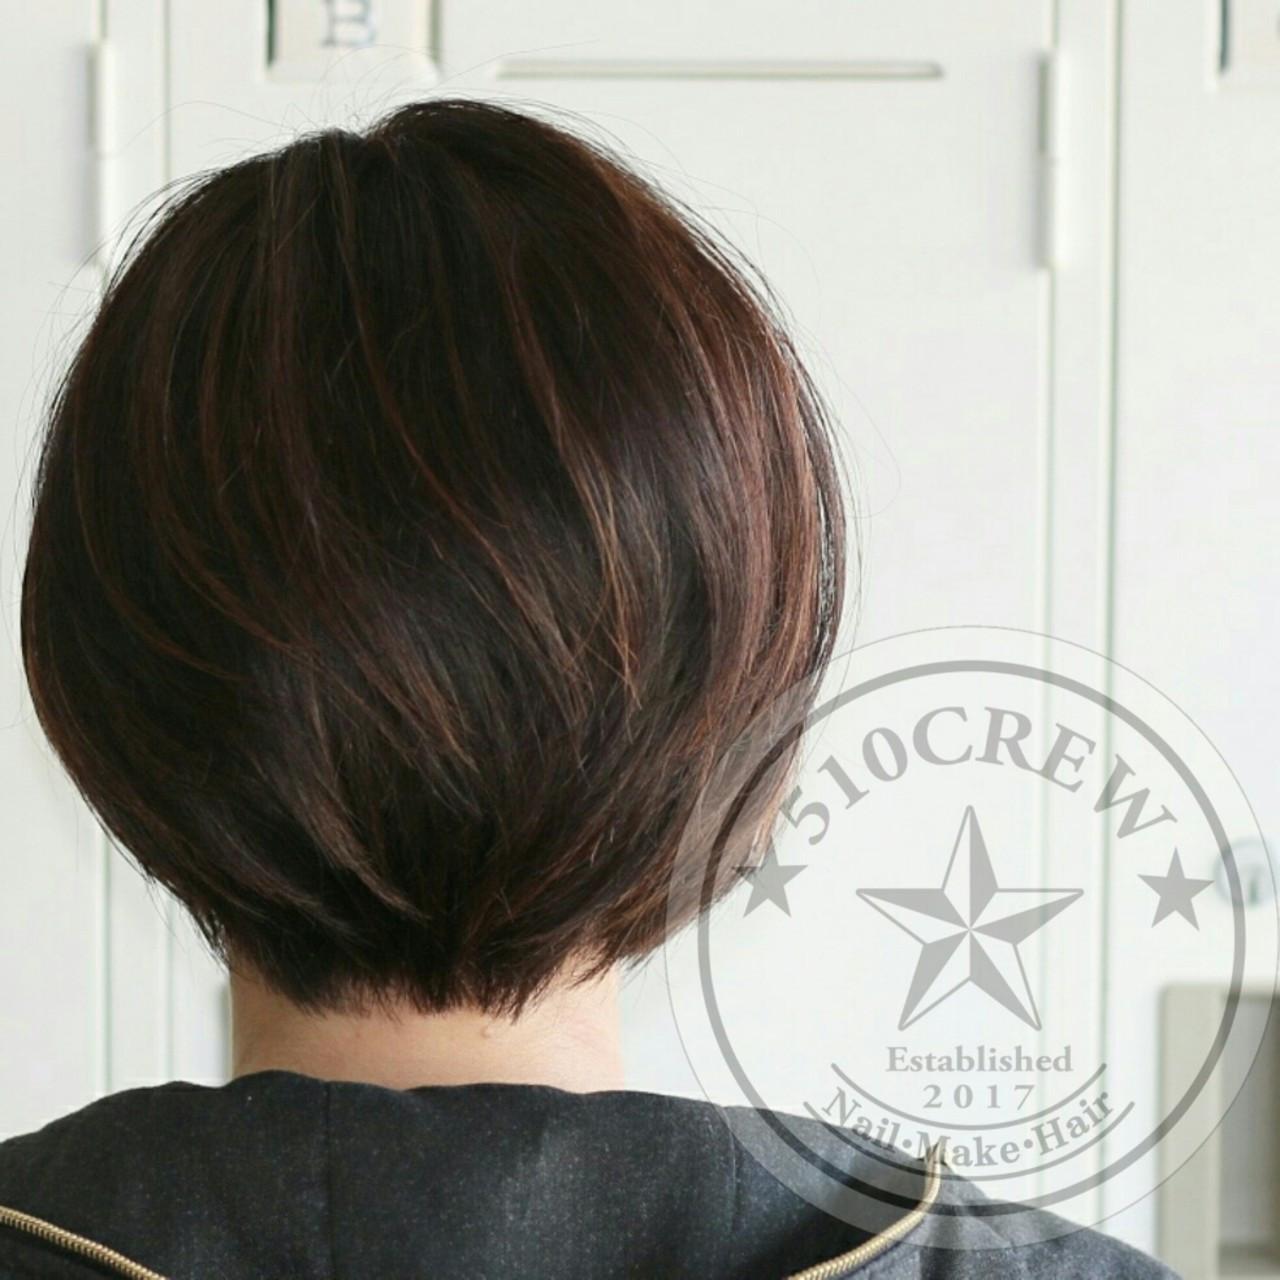 グラデーションカラー ショート フェミニン 大人かわいい ヘアスタイルや髪型の写真・画像